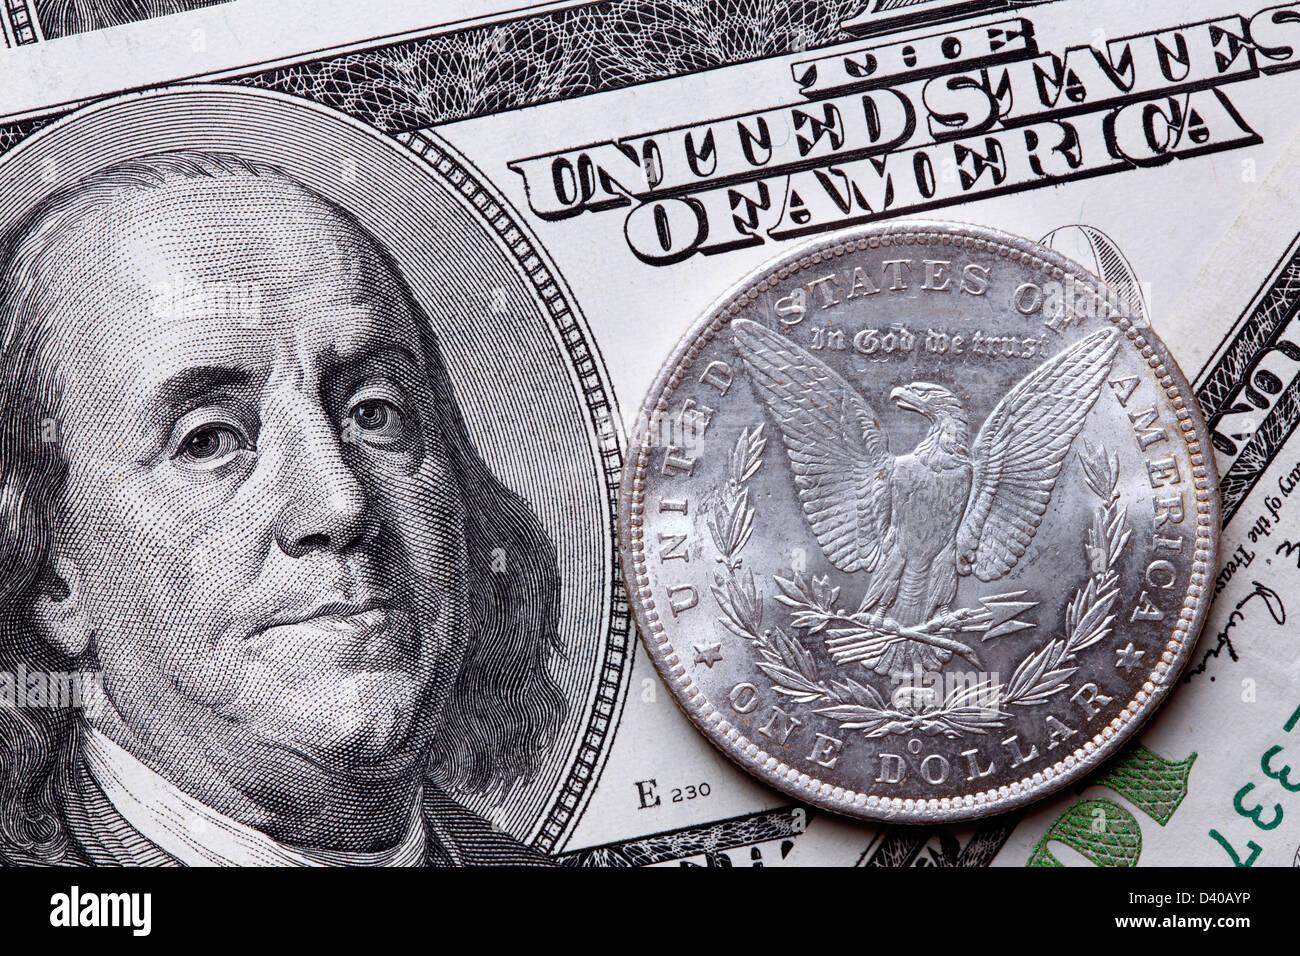 100 Dollars banknote, Benjamin Franklin, USA (2006) and silver Morgan Dollar coin, USA (1885) - Stock Image